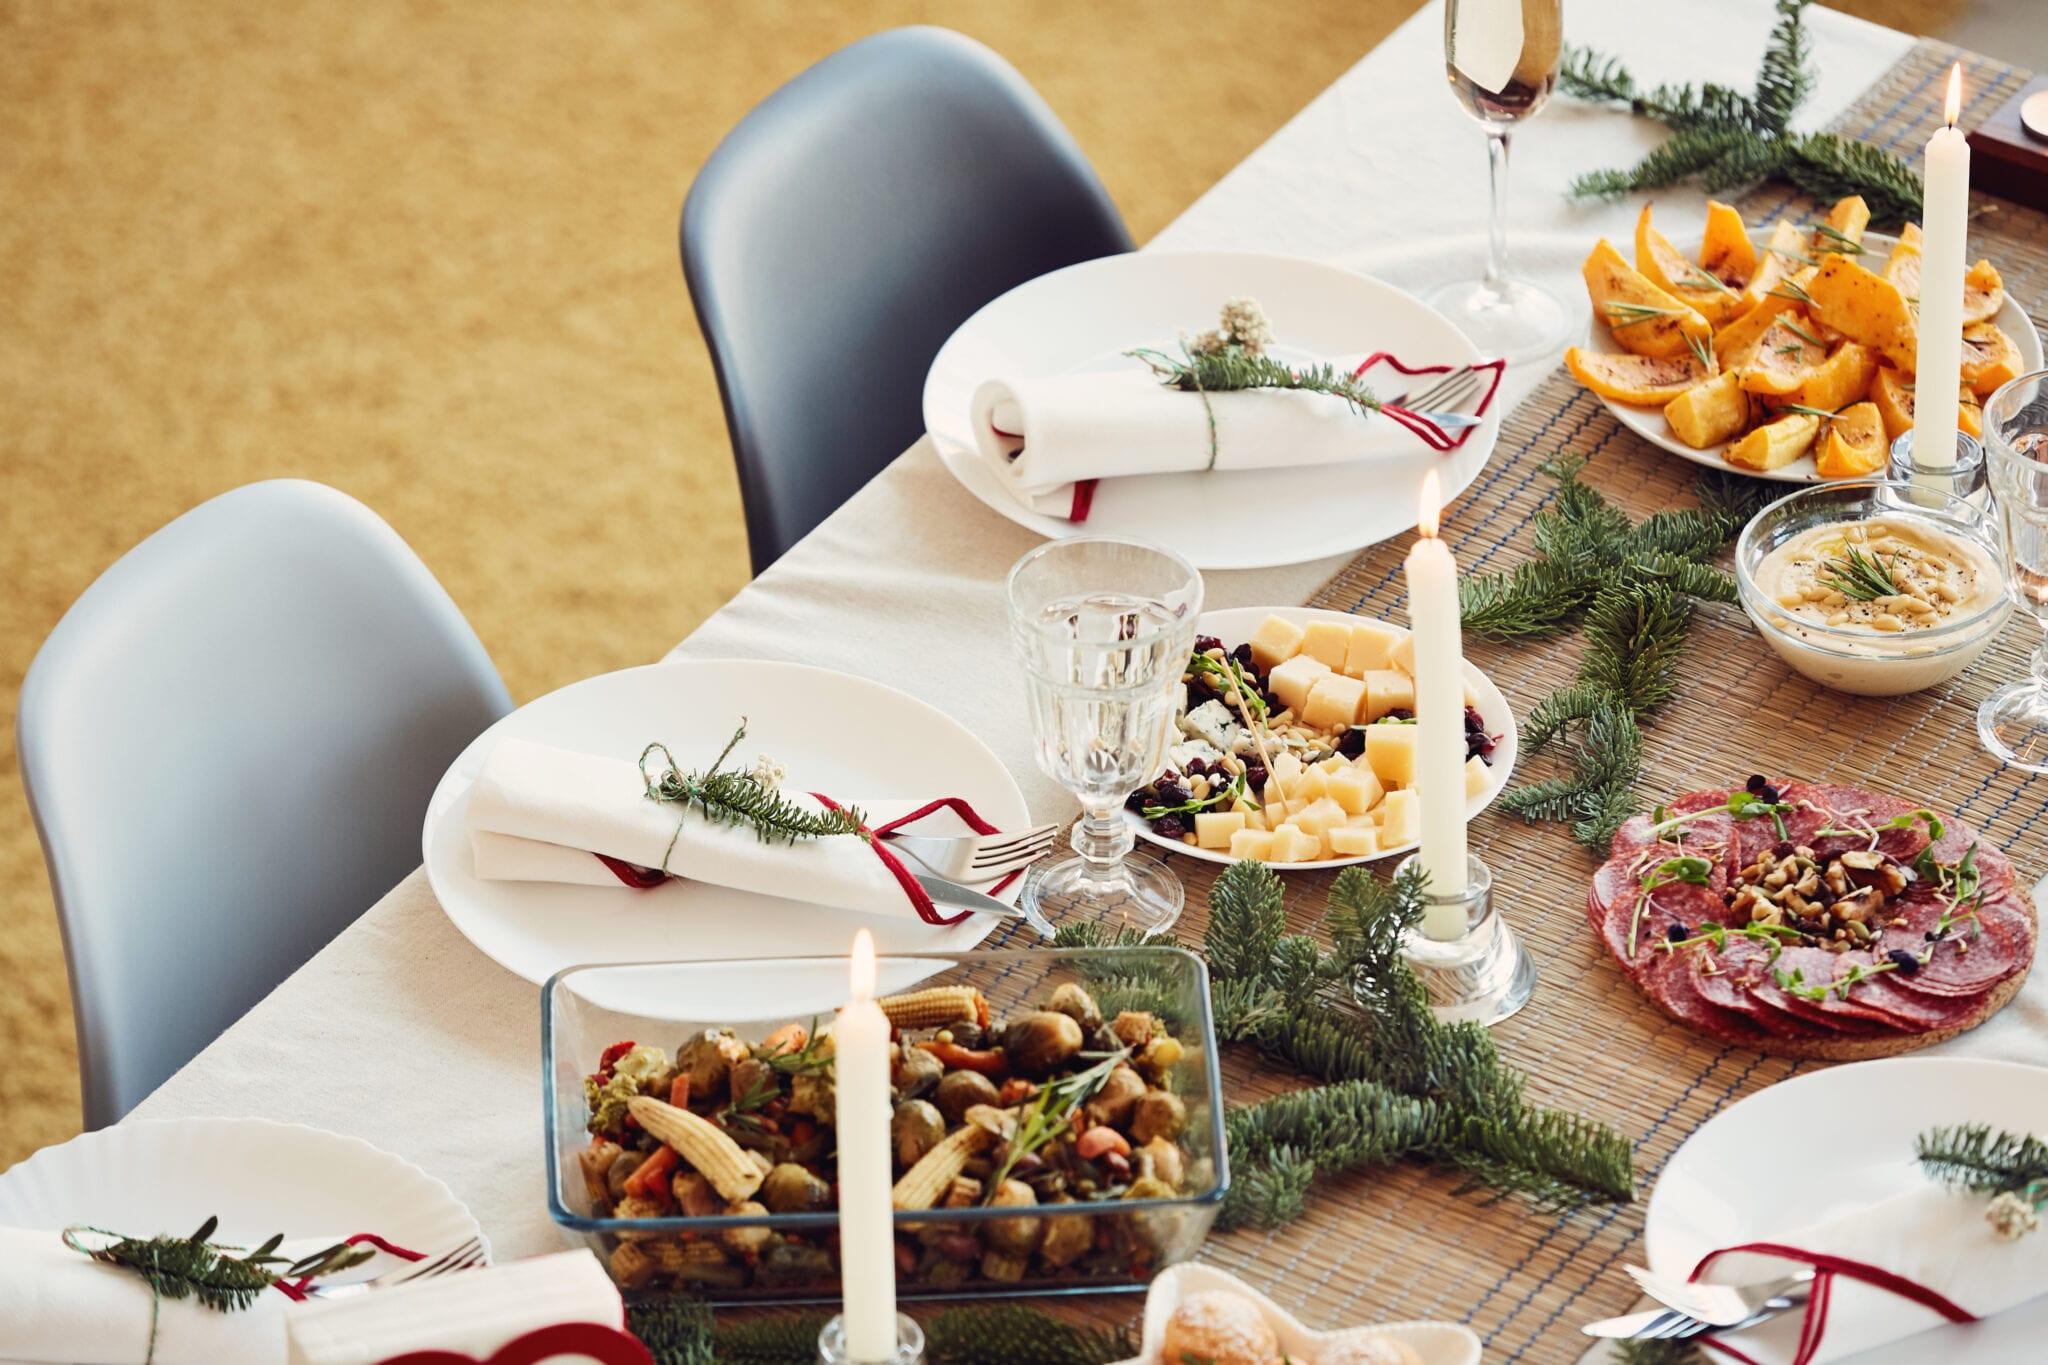 healthy Christmas table setting